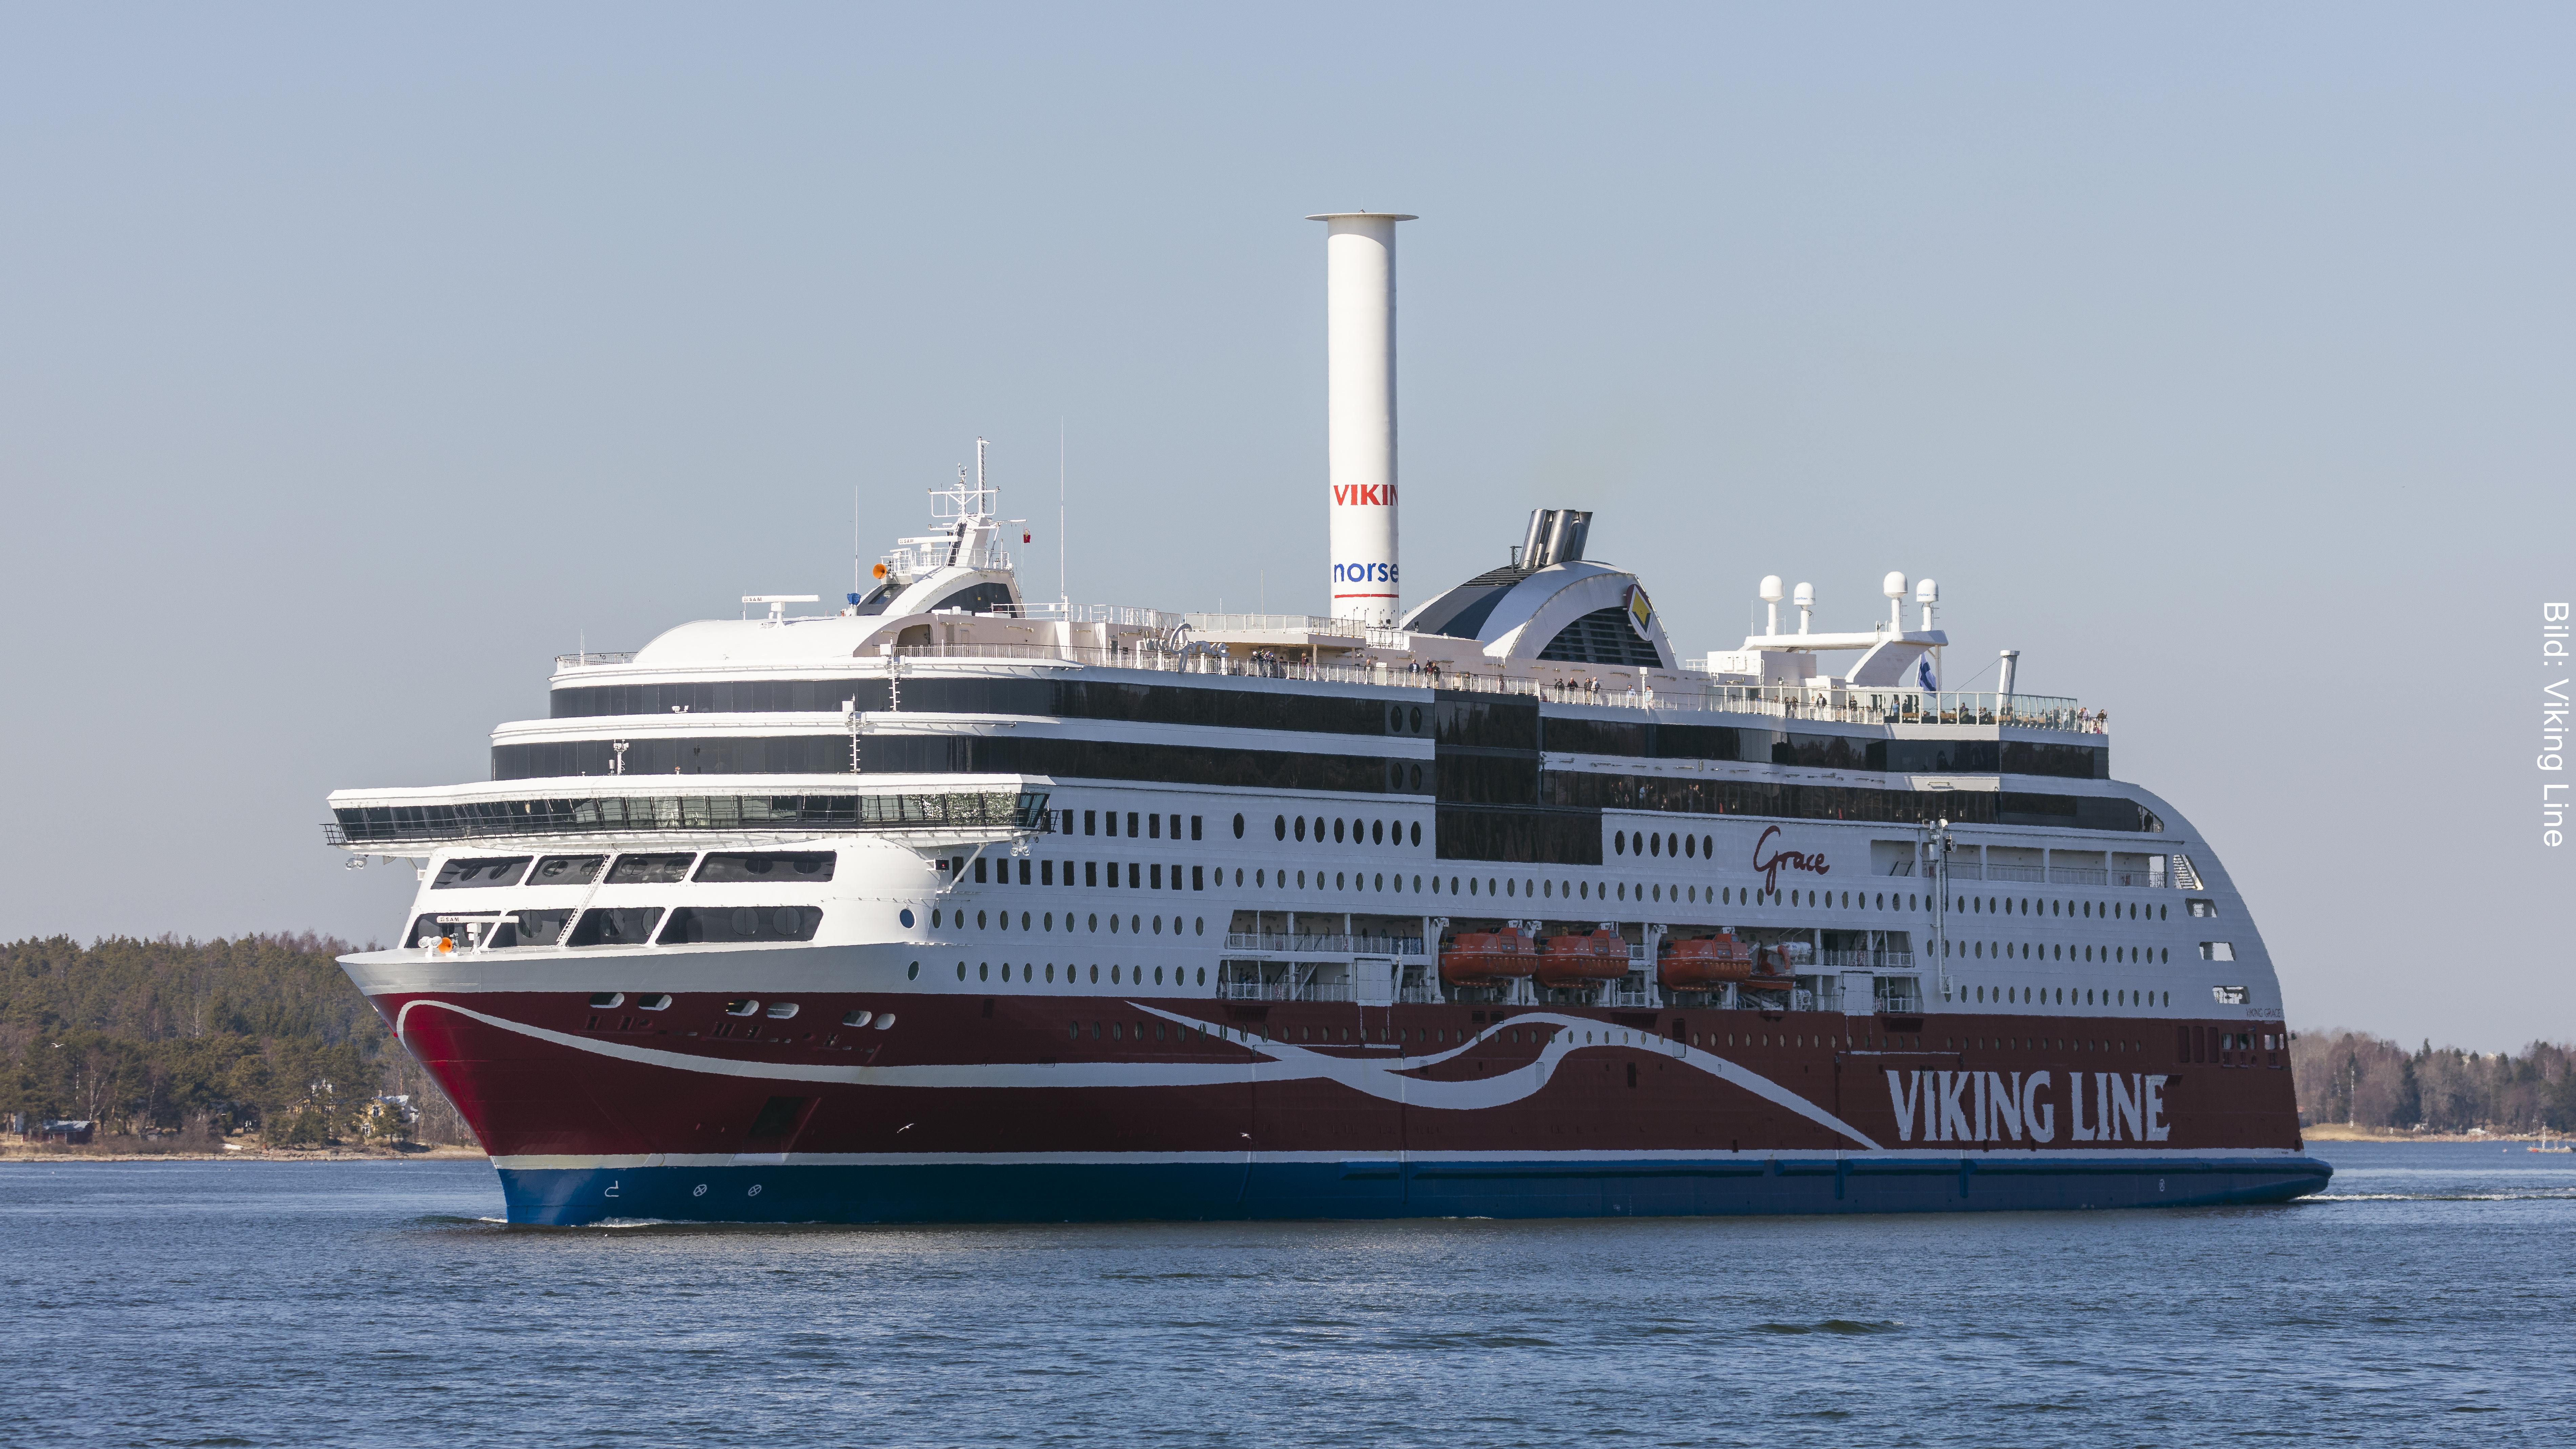 Fähre Stockholm-Turku Viking Line